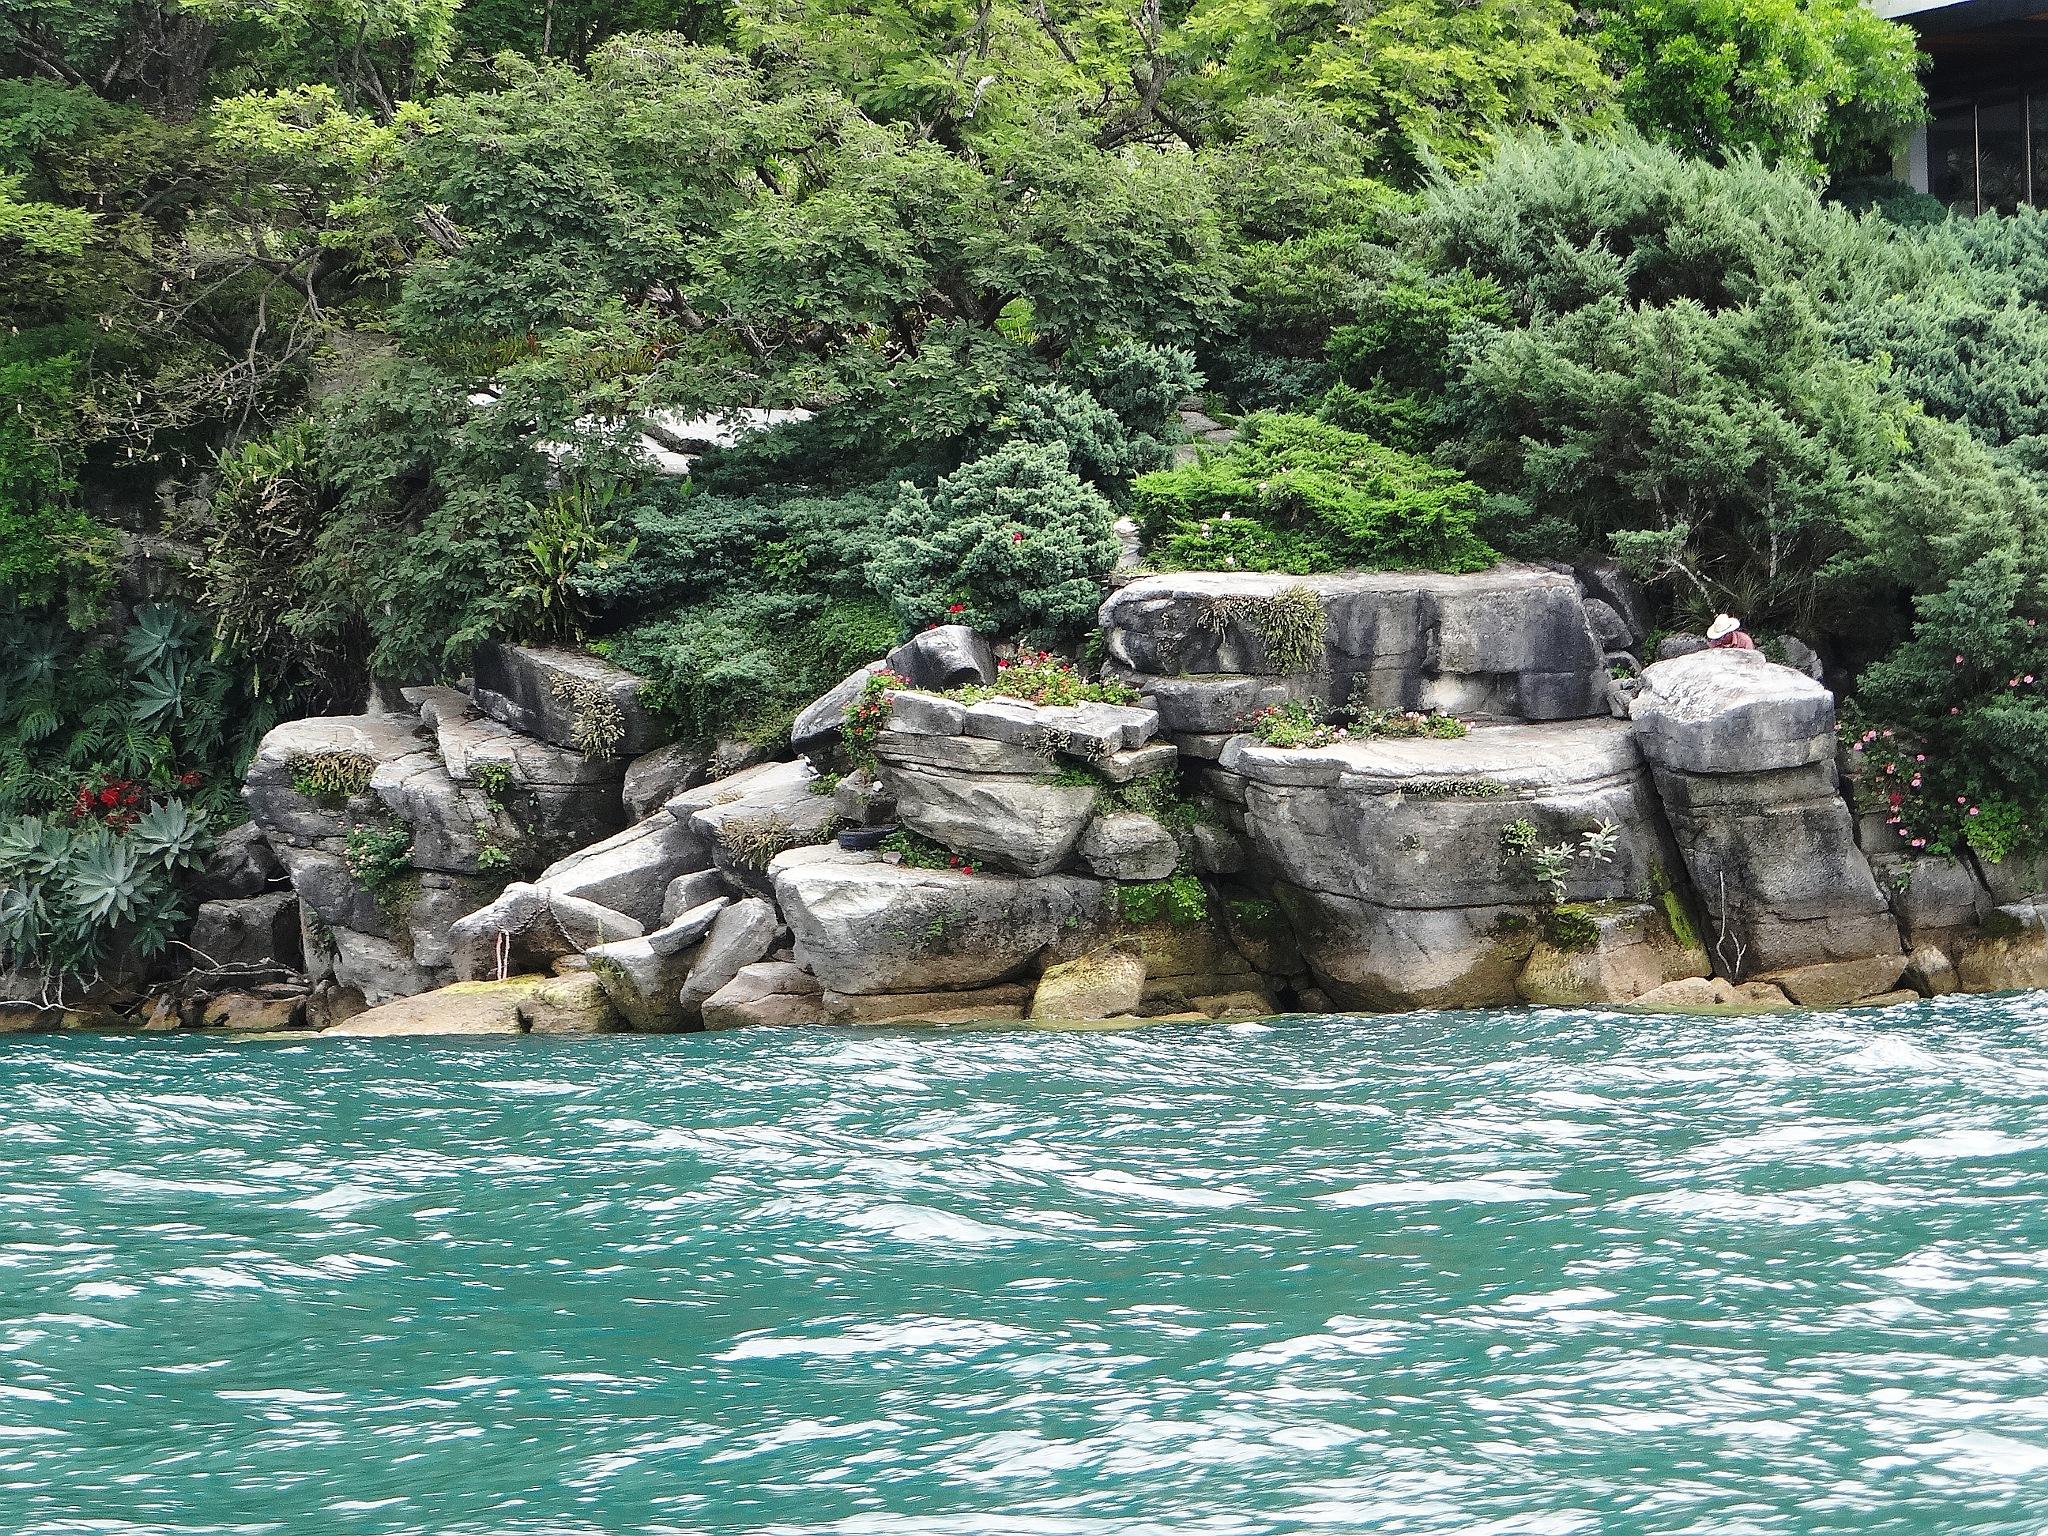 El Lugar de las Sirenas by vladybachez